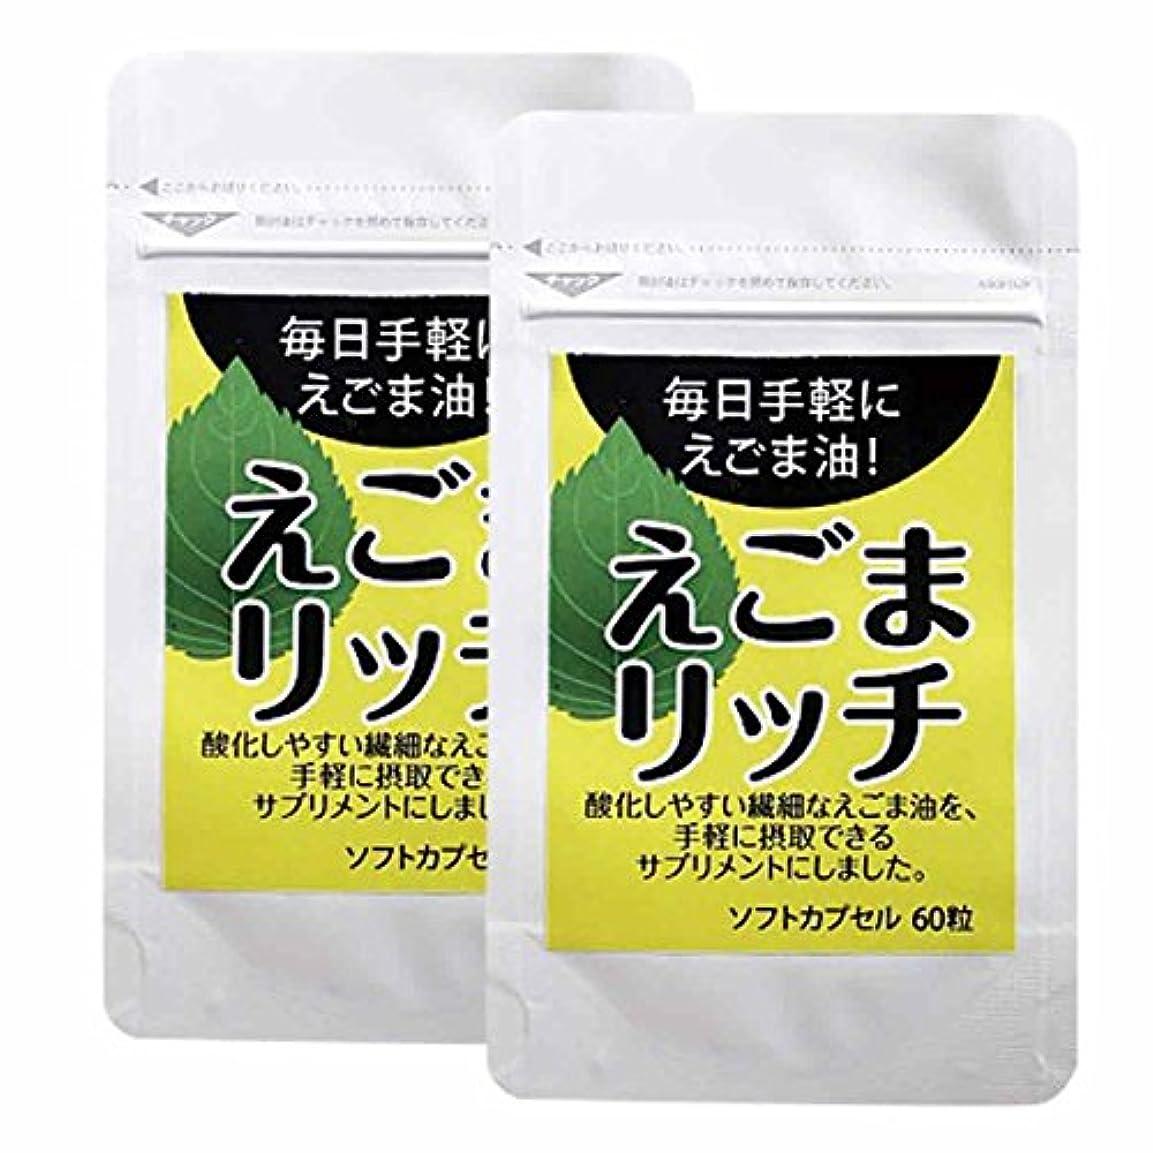 小川起こる黒板えごまリッチ 60粒【2袋セット】